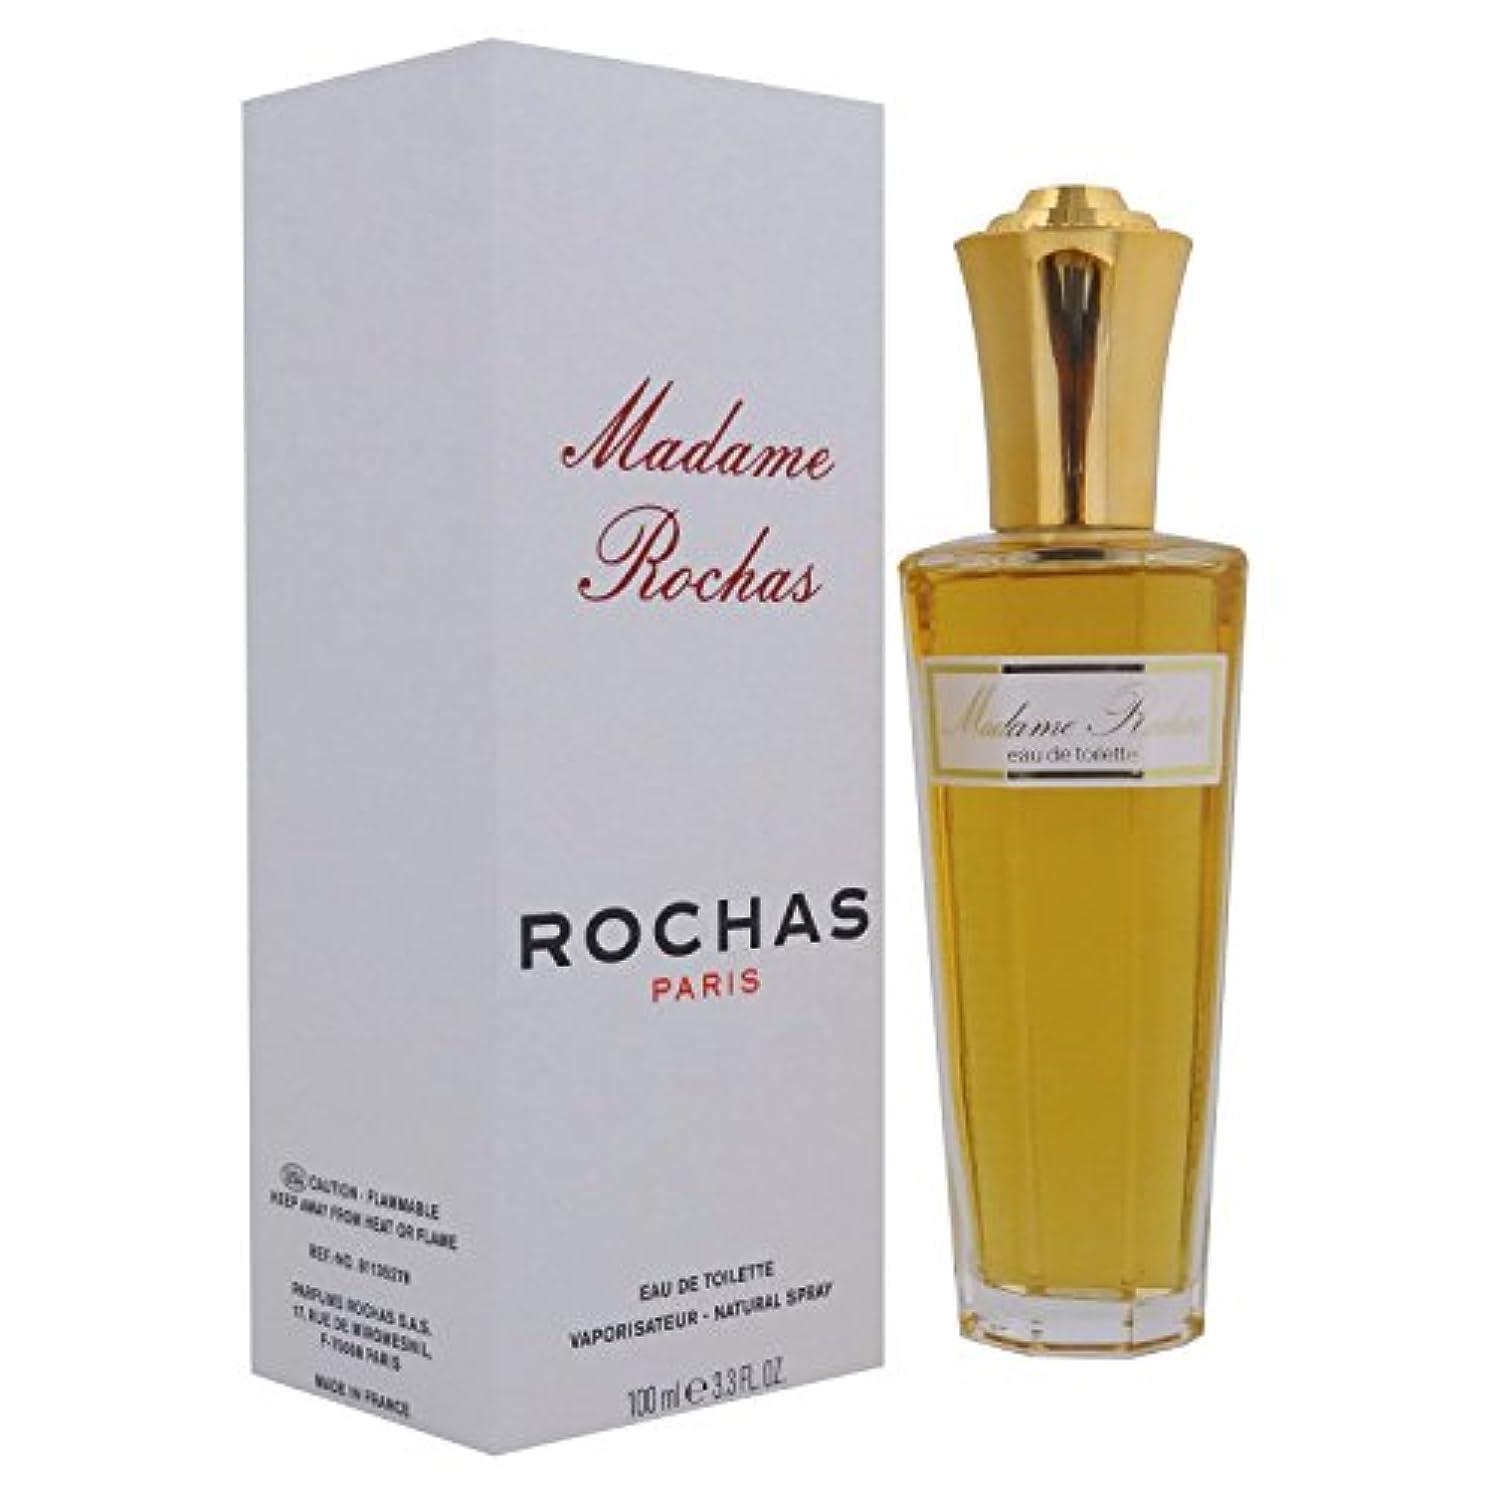 細胞バリケード暴露するROCHAS Madame Rochas マダム ロシャス EDT 100ml